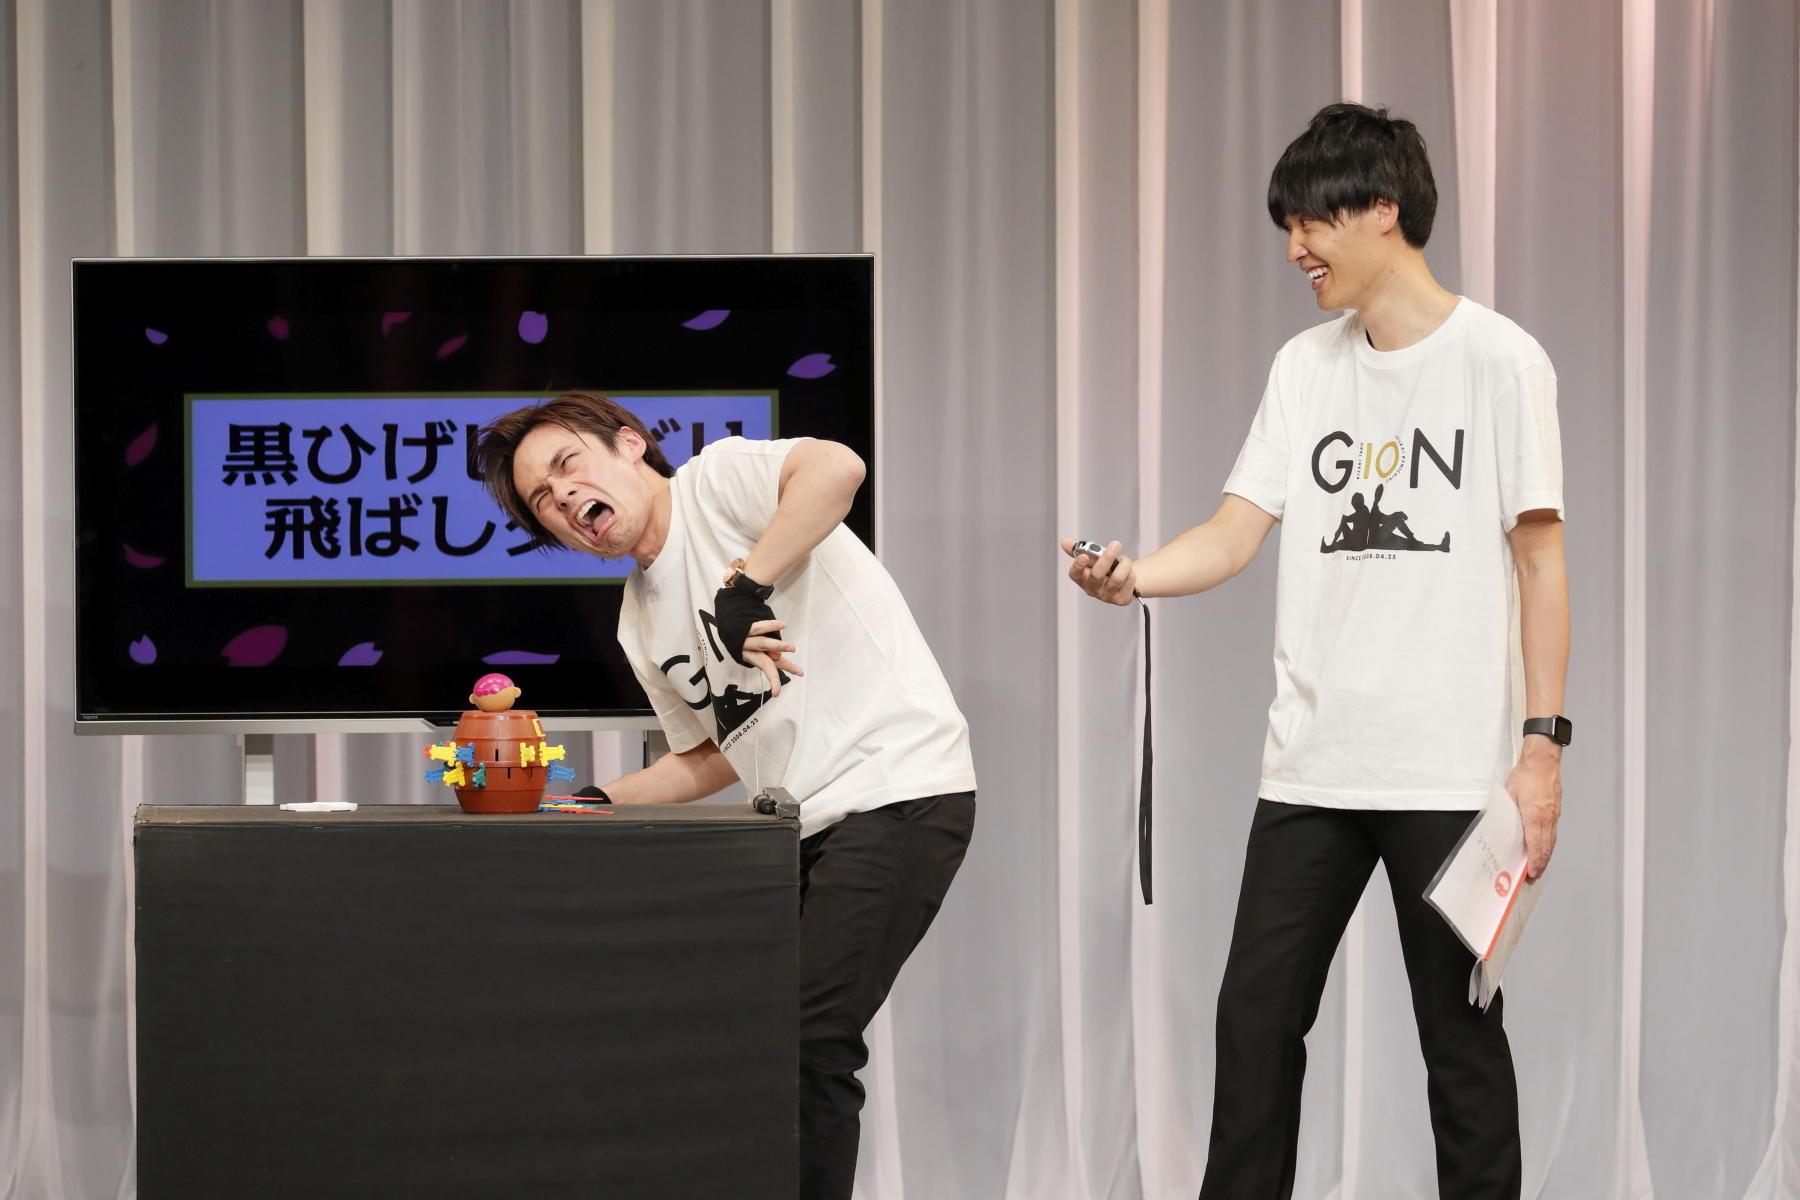 http://news.yoshimoto.co.jp/20181204223017-f968bda364607c8363ab1039cabc2b00e64d3ac9.jpg